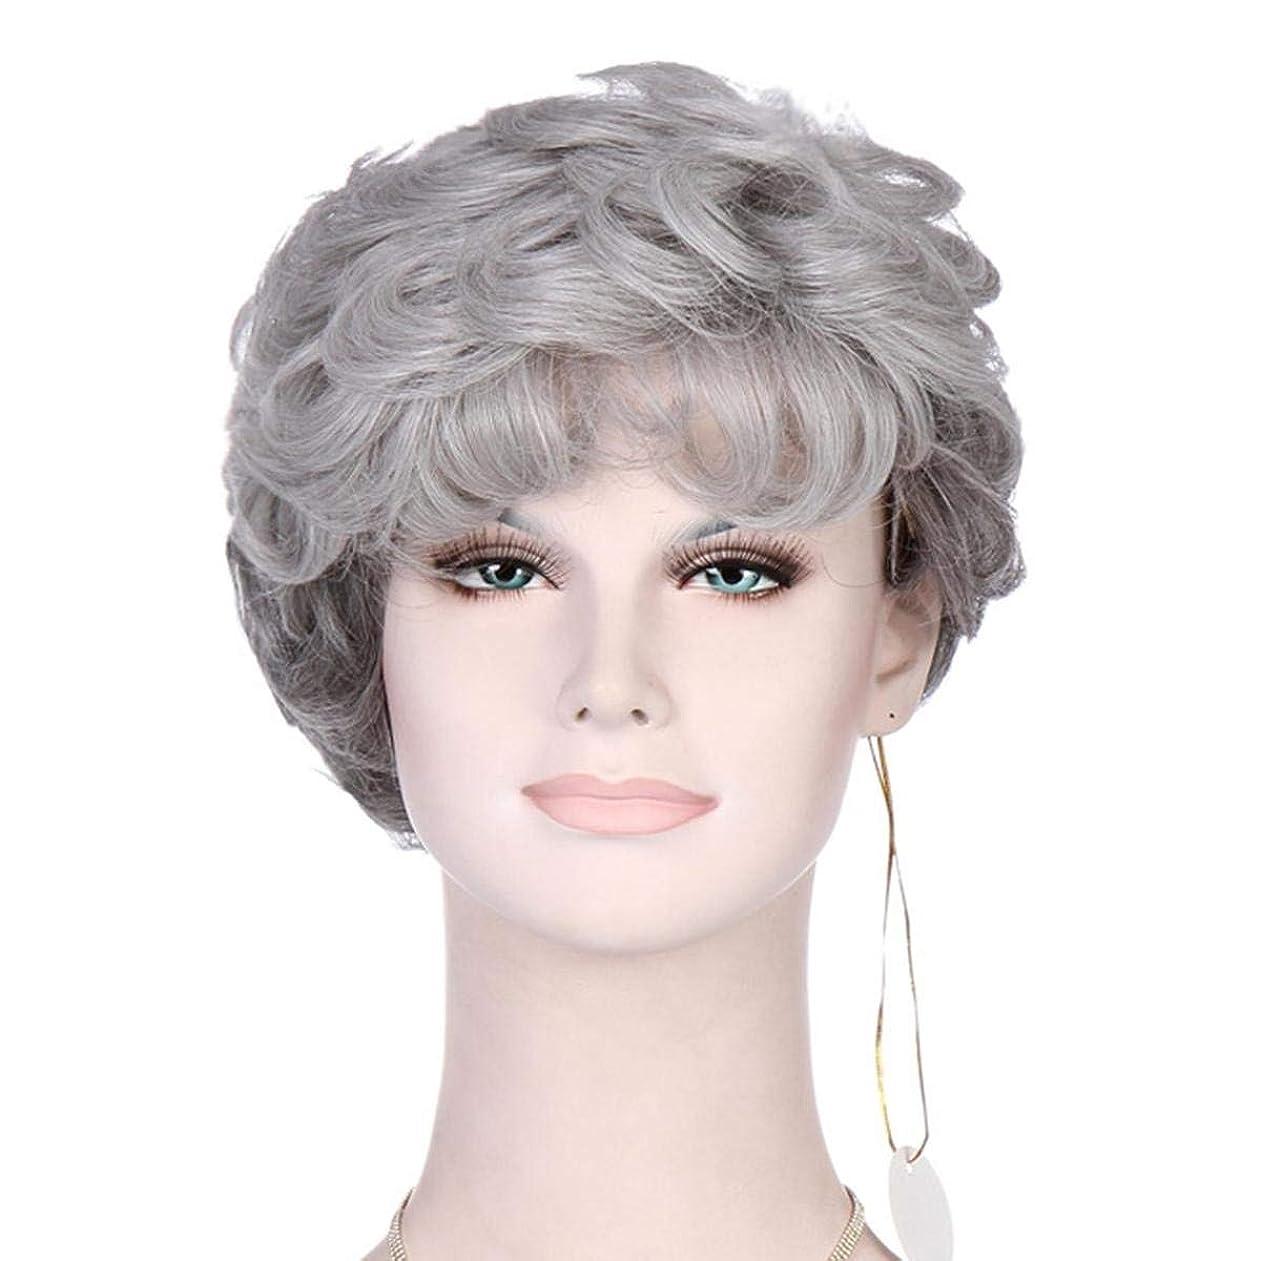 チャーター南極ダイエットかつらシルバーグレー縮毛の短いヘアピース耐熱合成女性老人ウィッグの派手なドレスのための古い女性